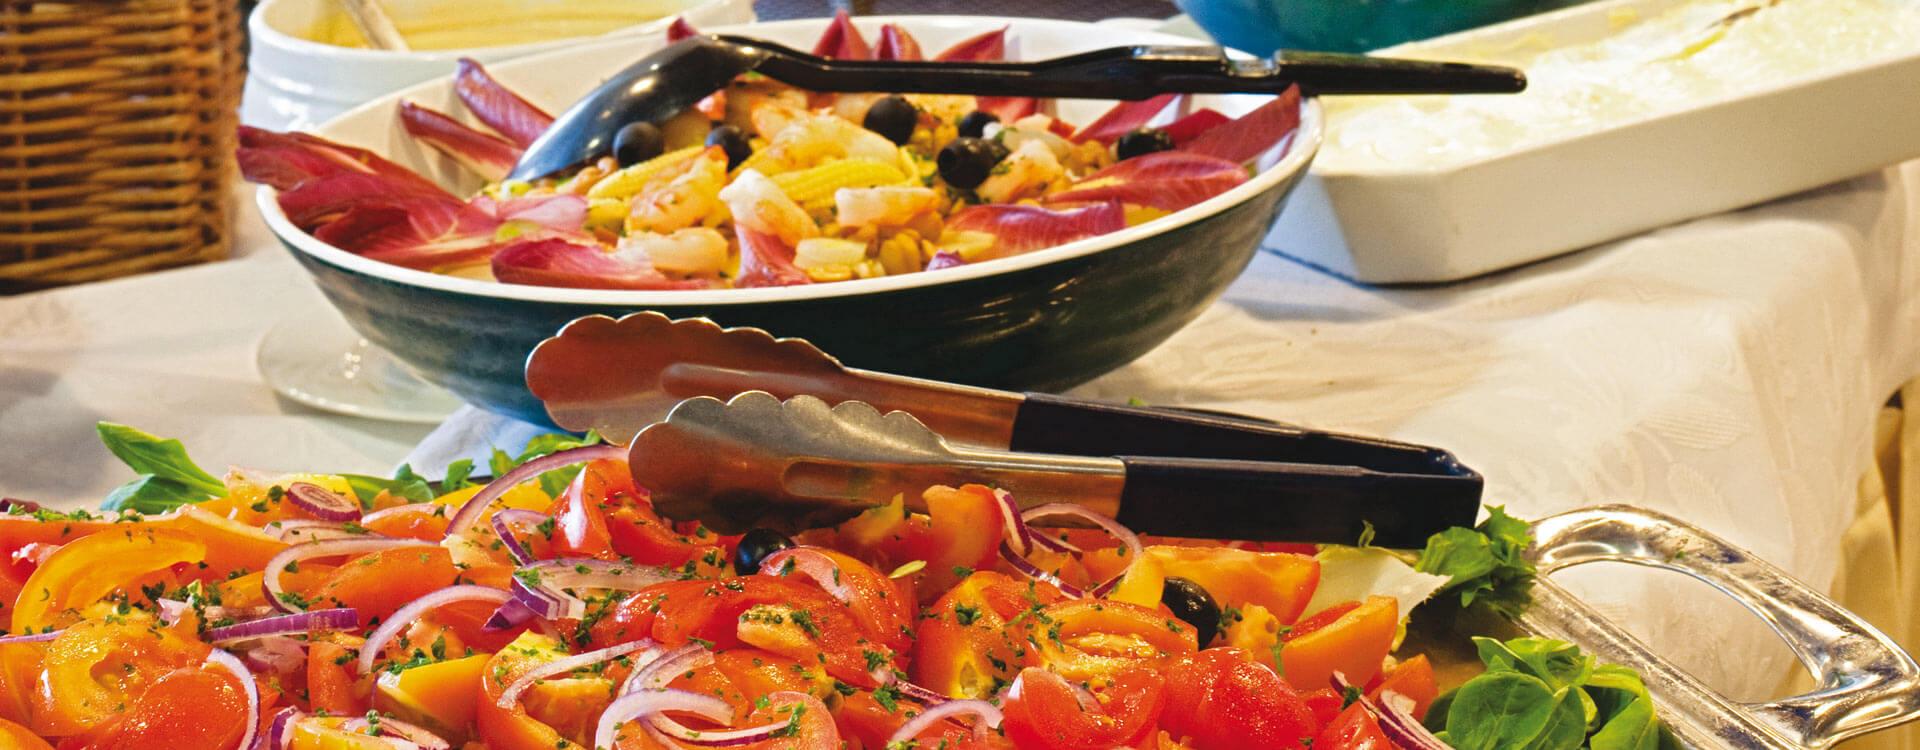 buffet hotel club plein sud a hyeres